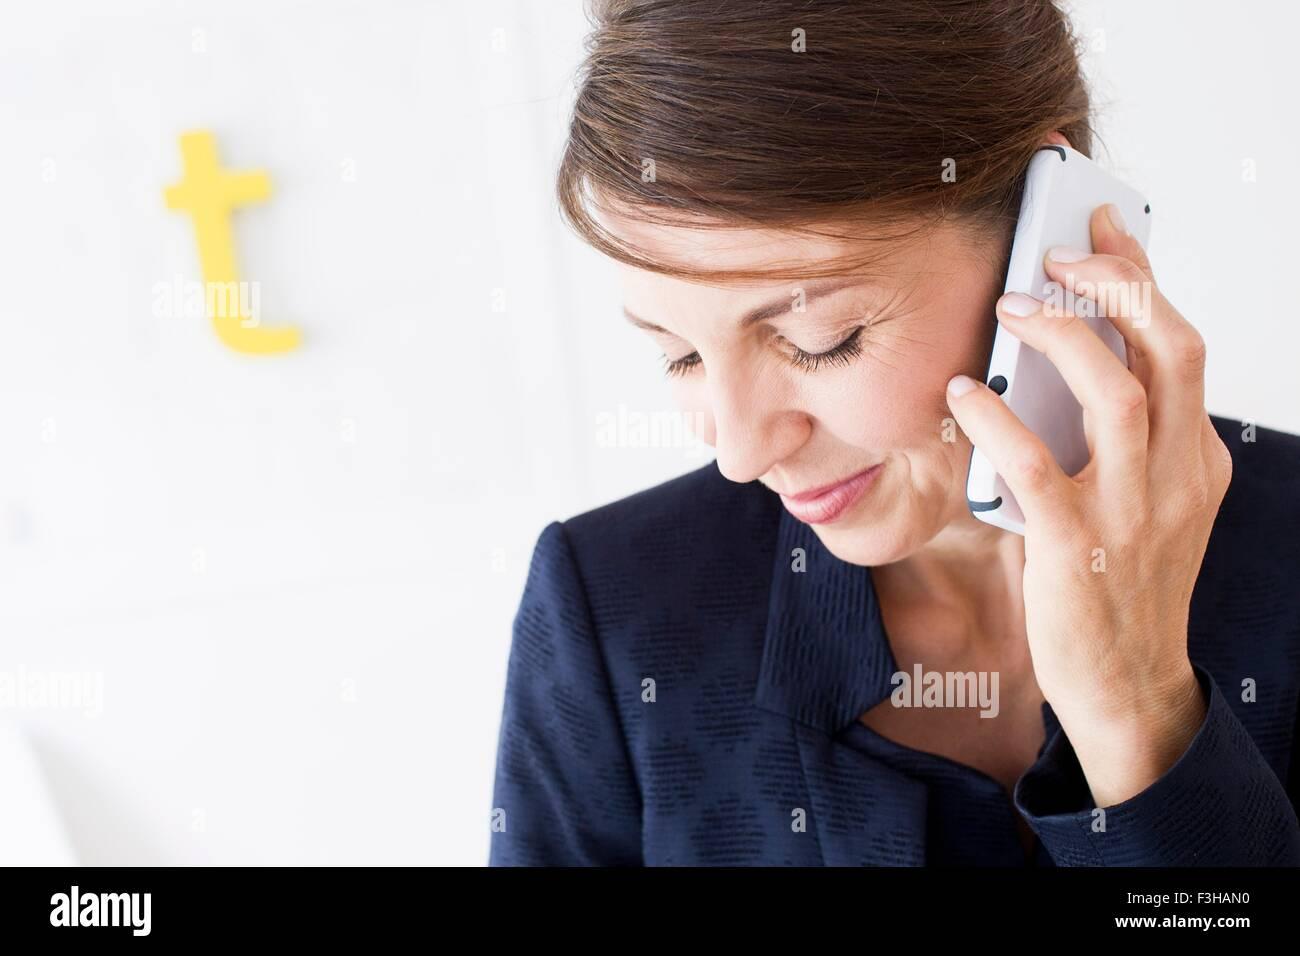 Cabeza y hombros de la mujer madura con smartphone, mirando sonriente Imagen De Stock